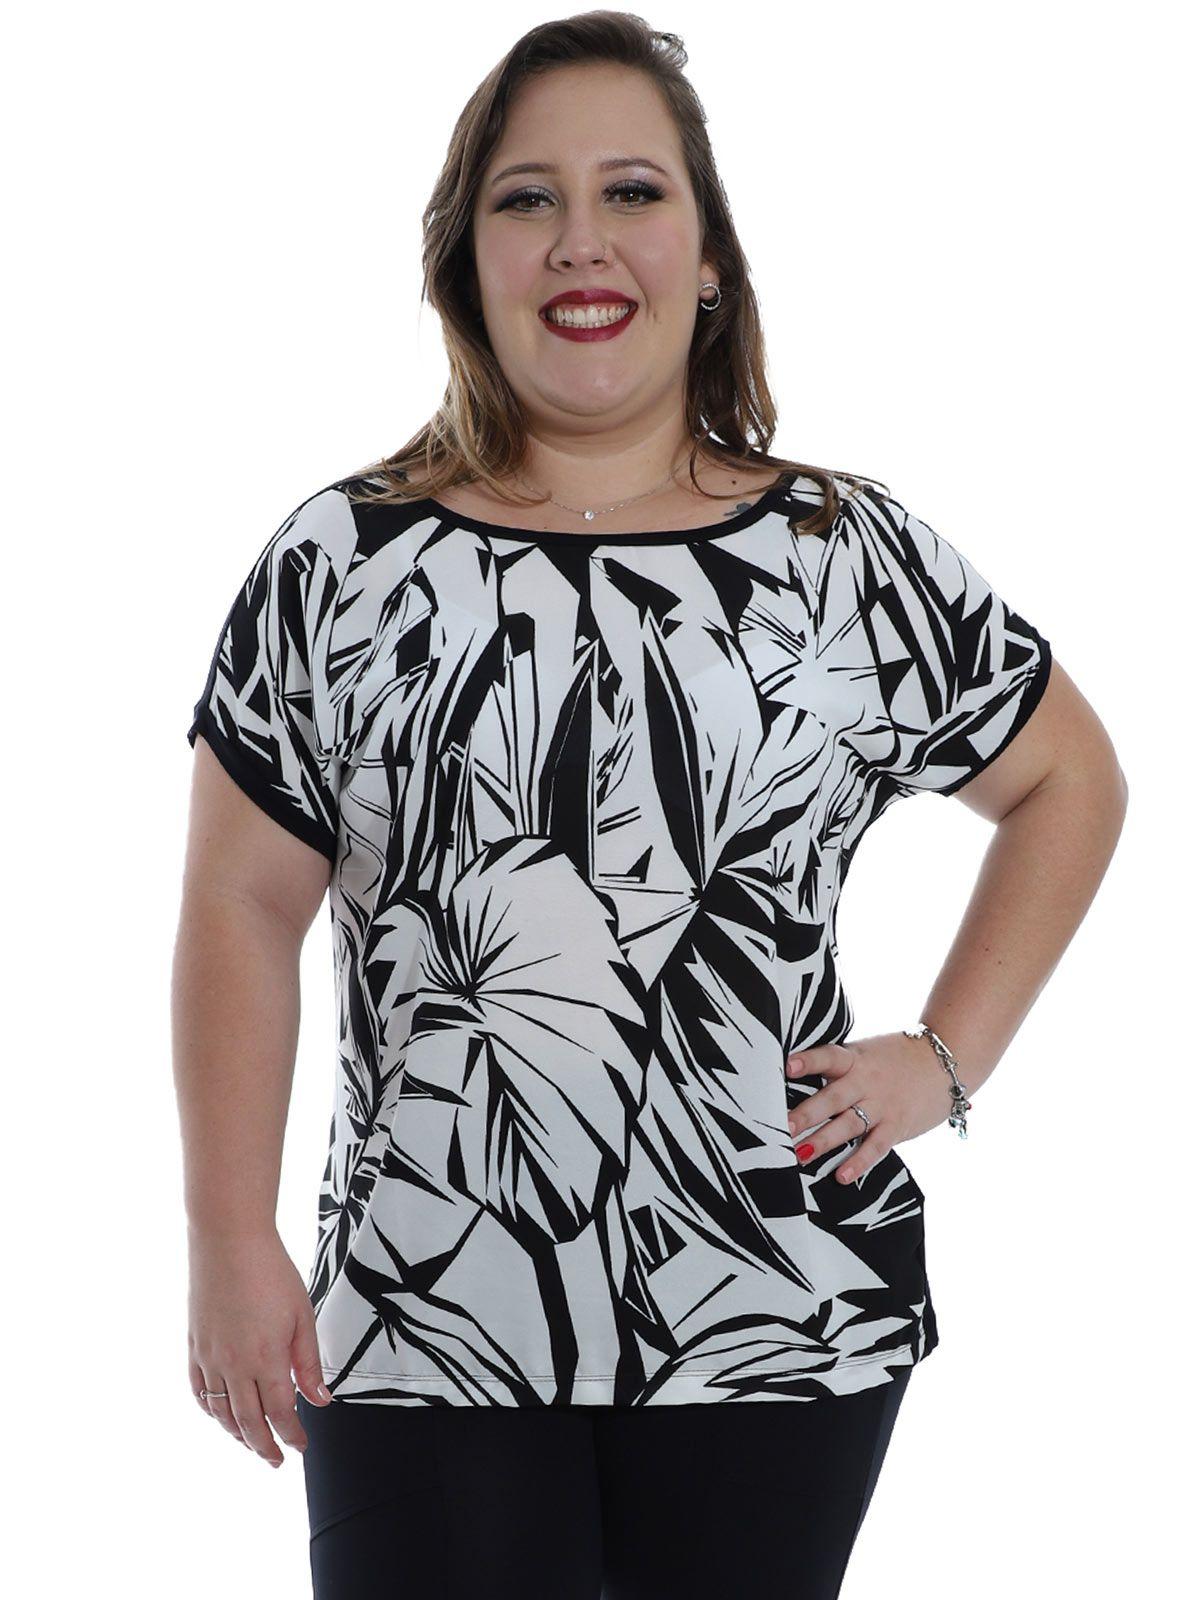 Blusa Plus Size Decote Aberto Estampada KTS Preto